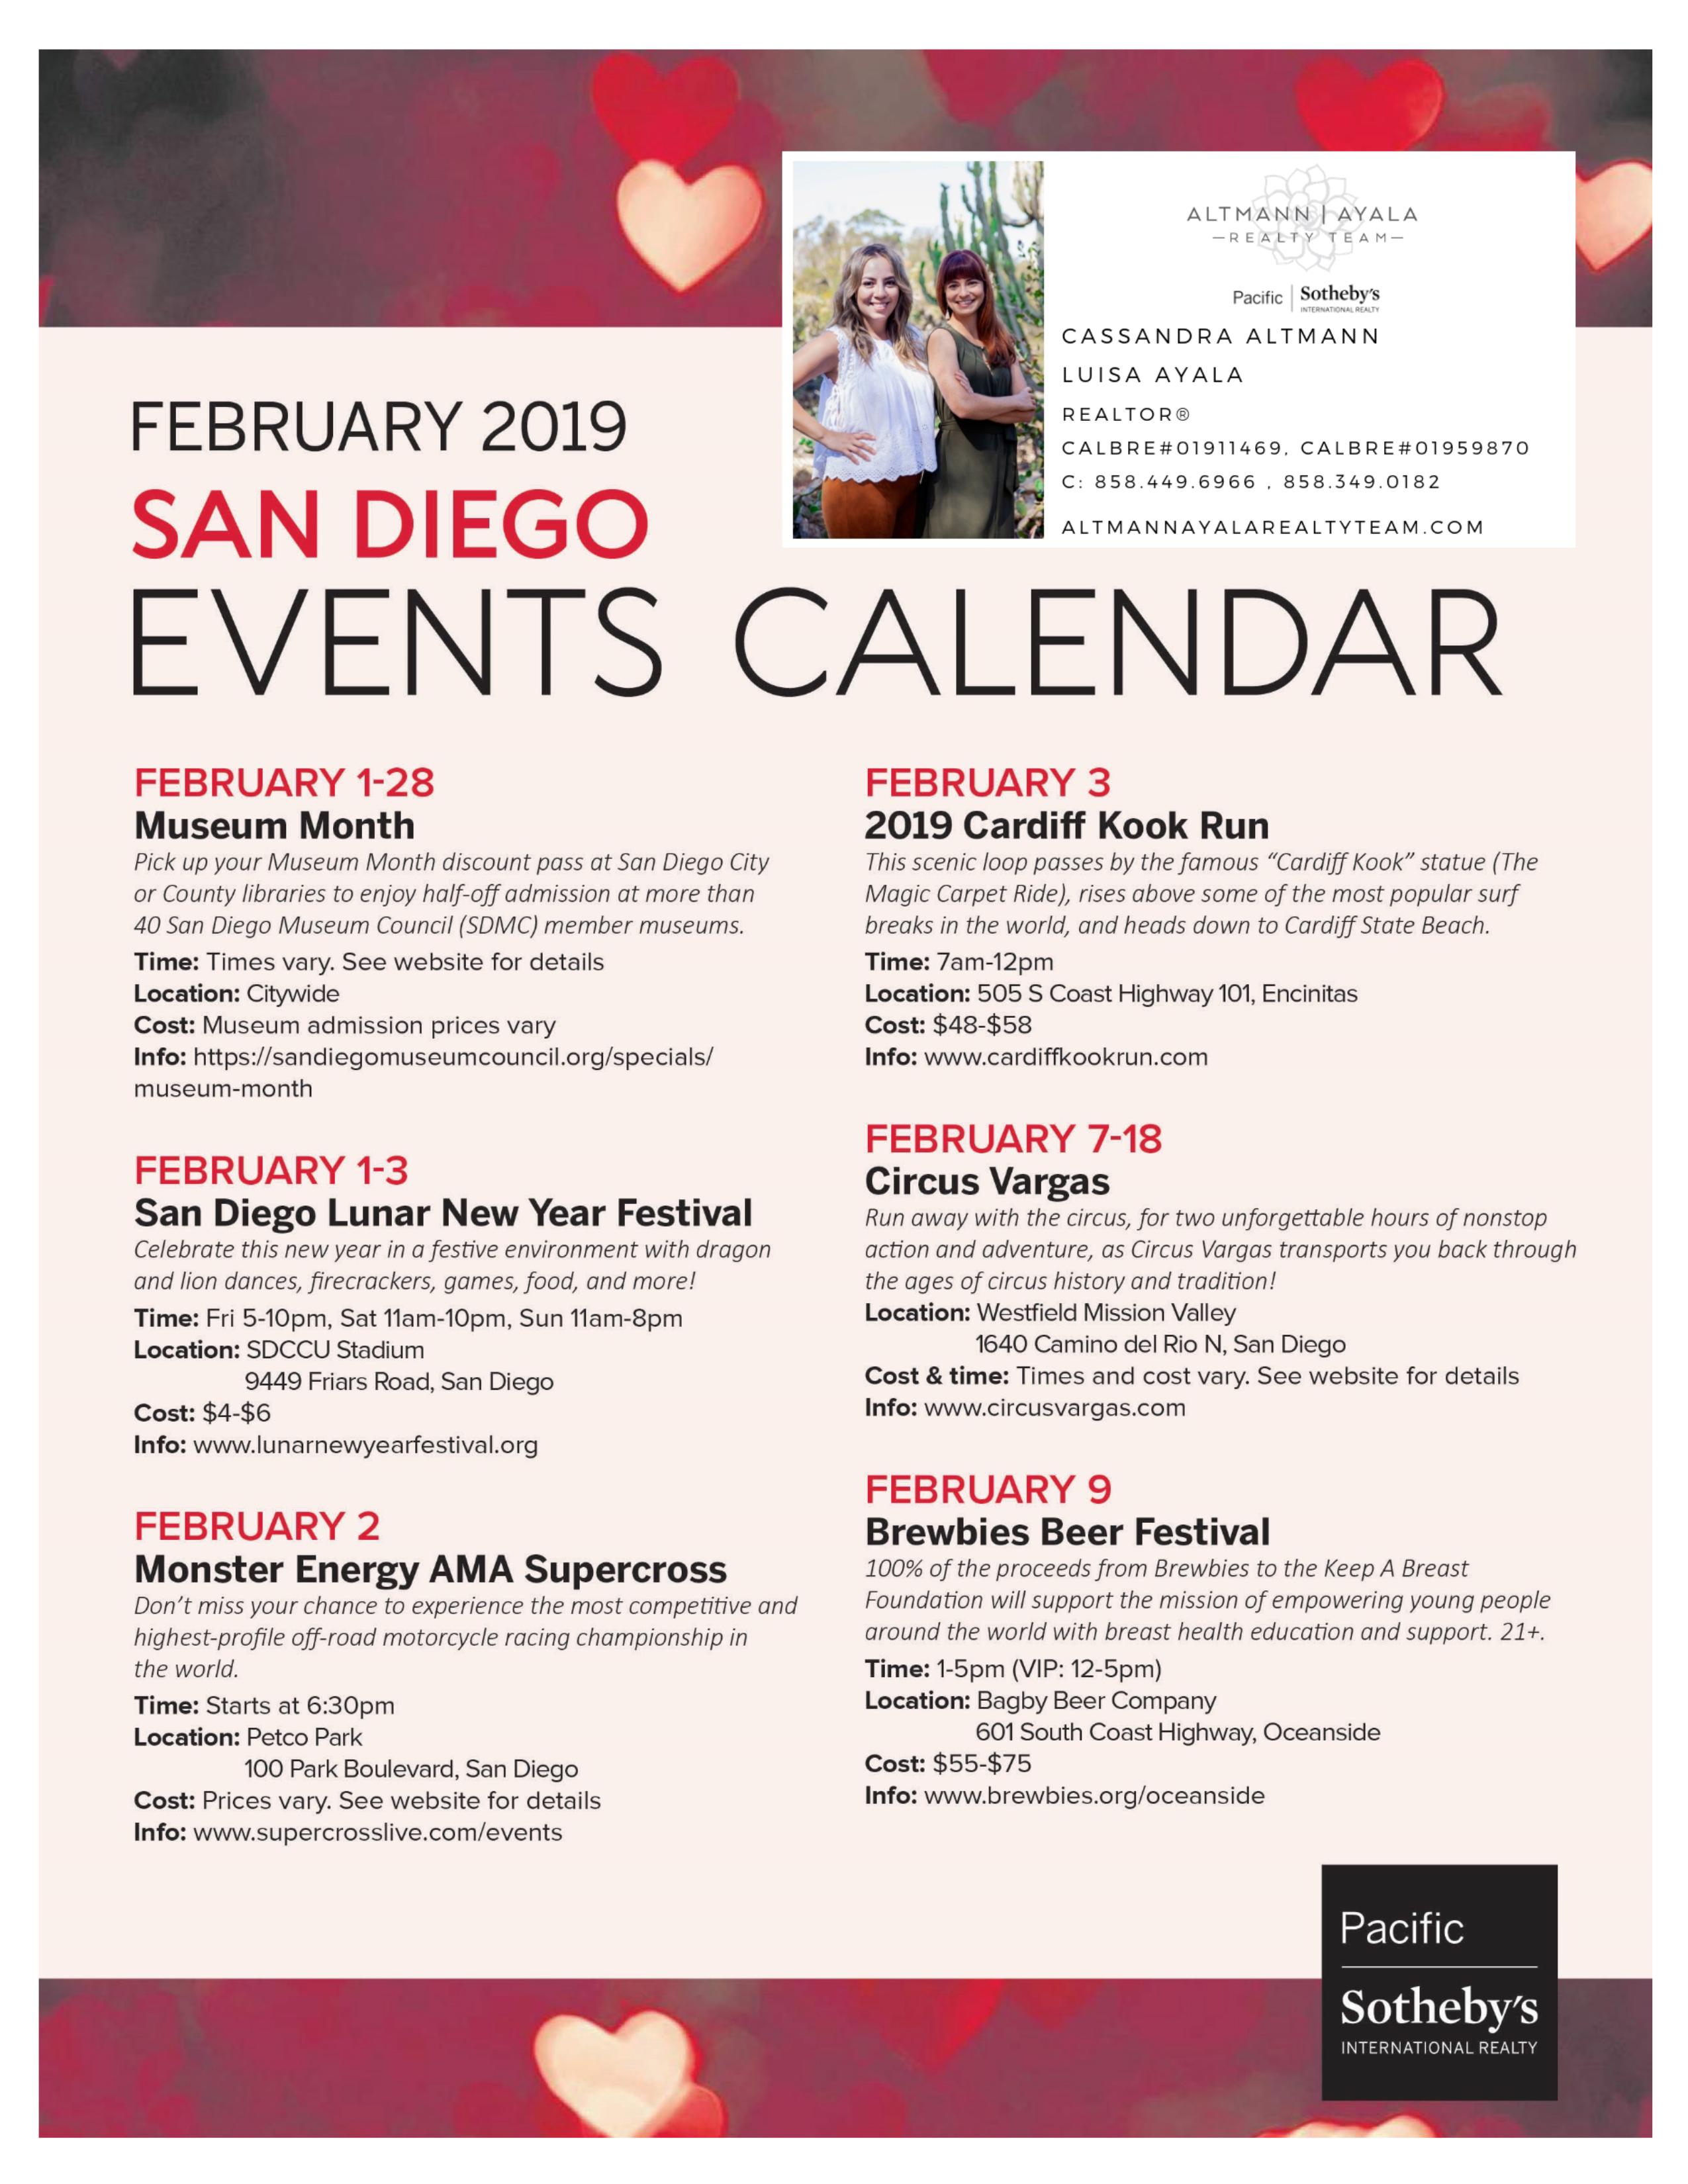 February 2019 San Diego Events Calendar